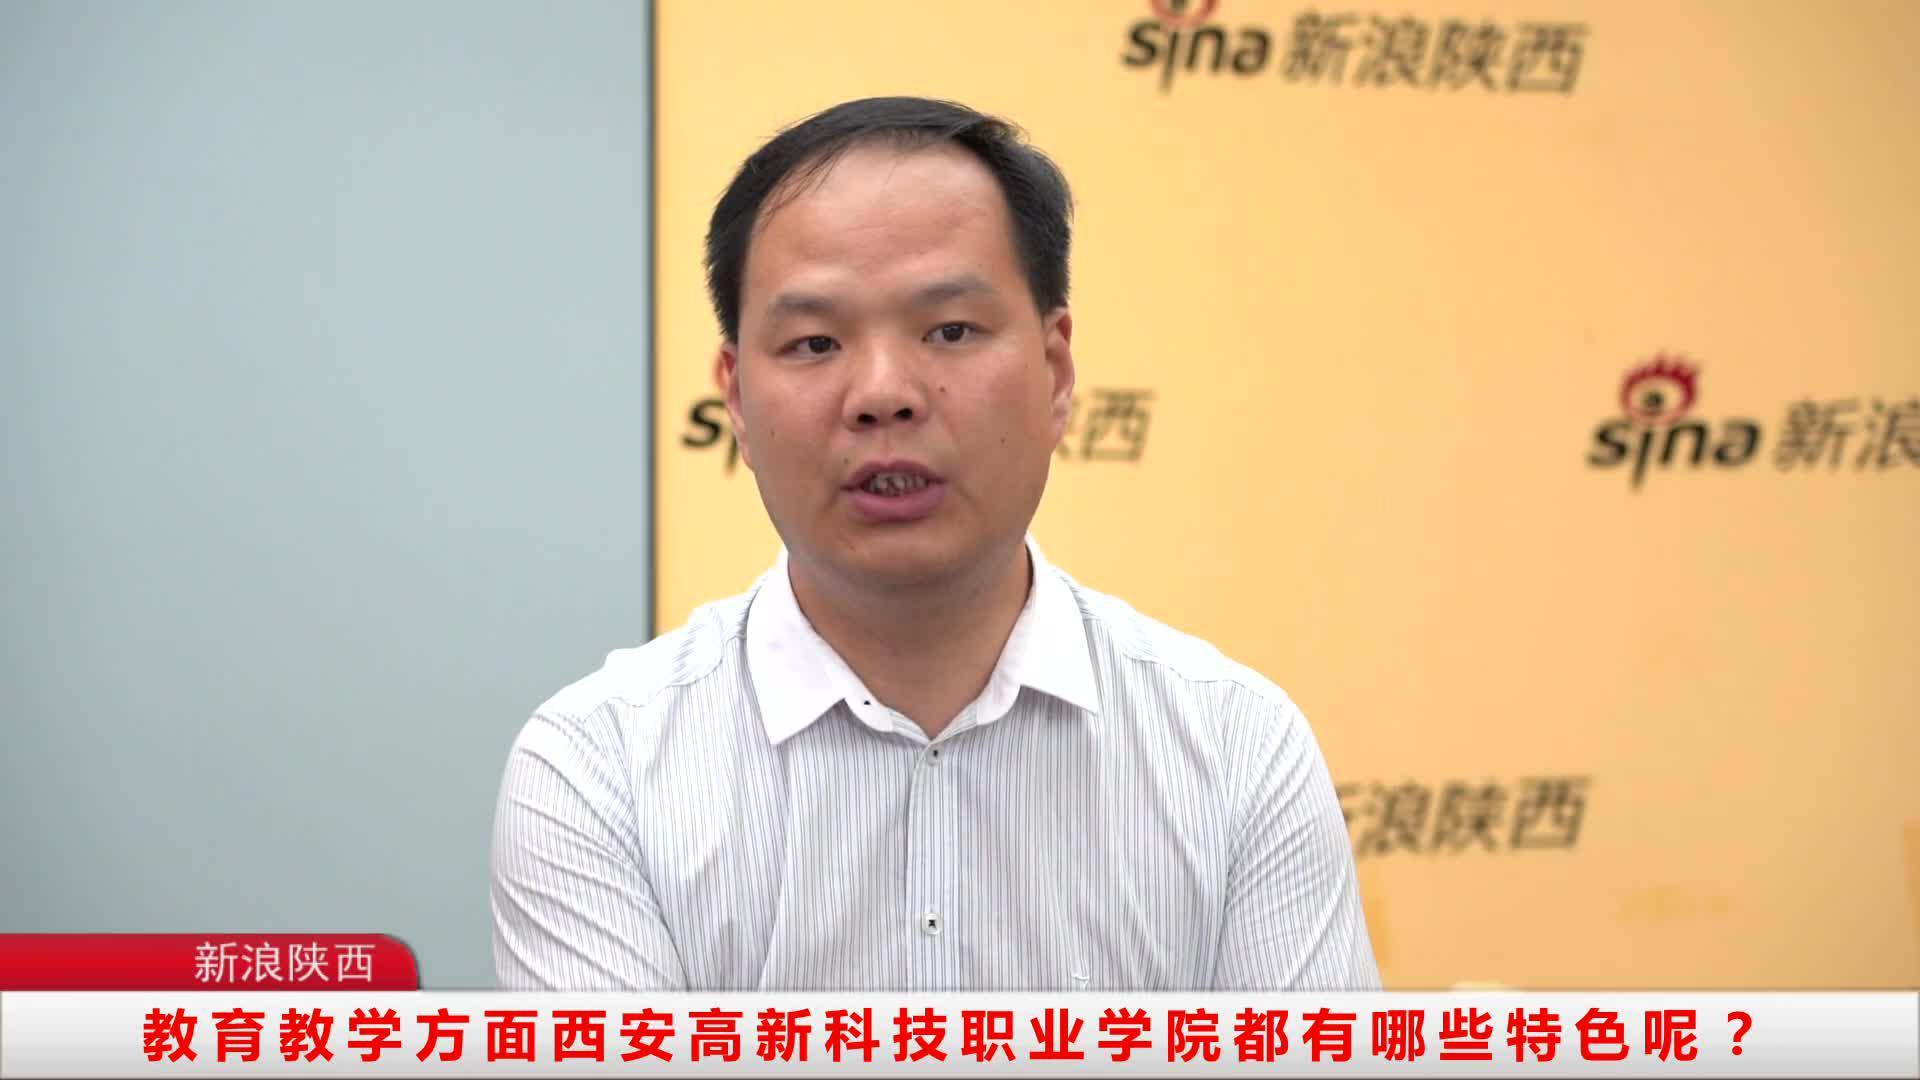 新浪陕西专访西安高新科技职业学院副院长睢宇恒